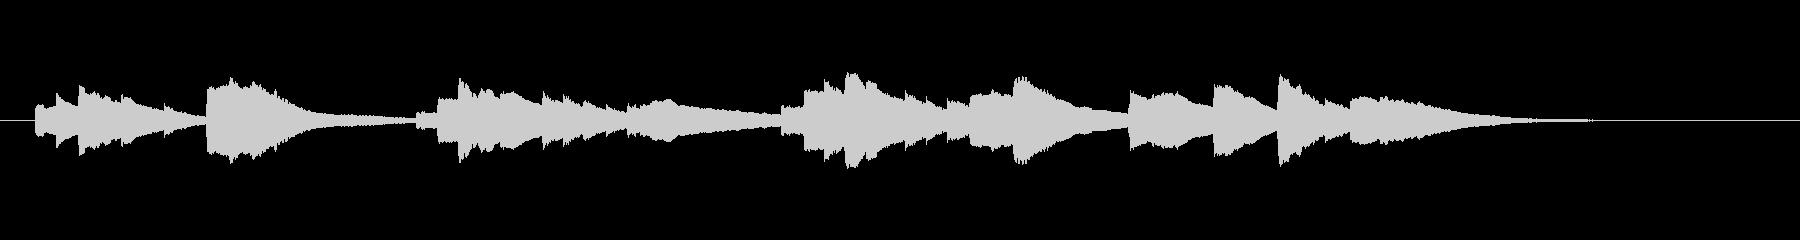 サウンドロゴ的な短いオルゴールの未再生の波形